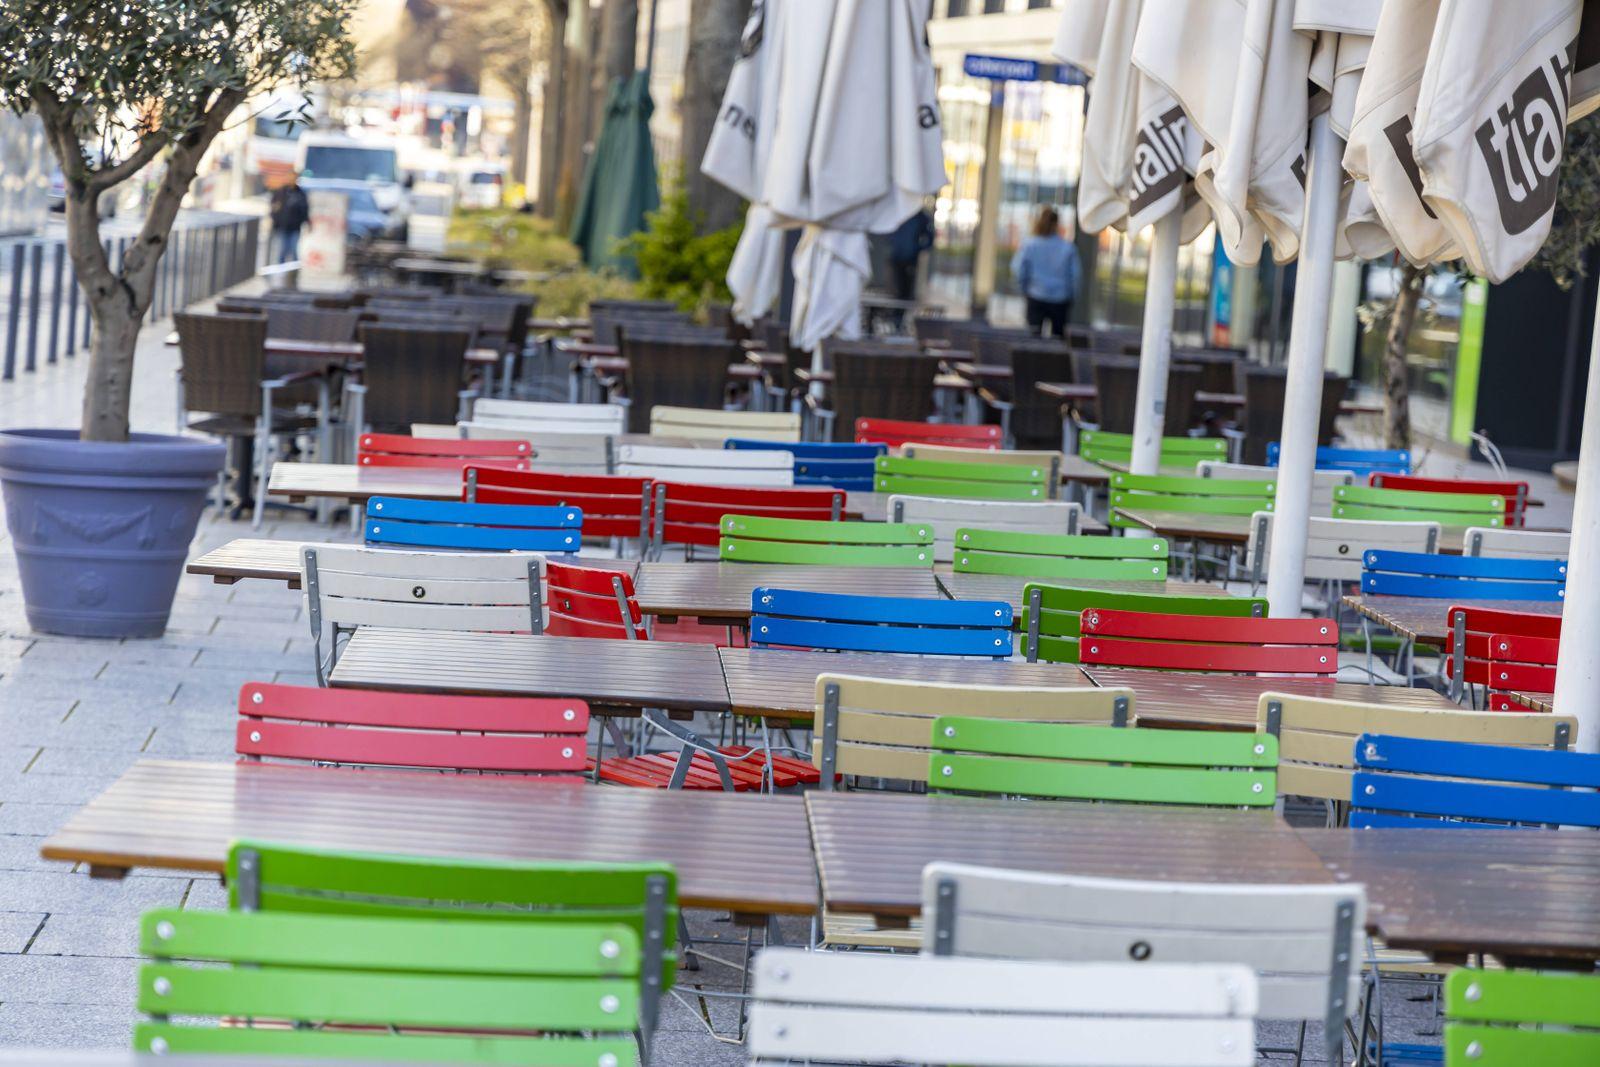 DEU, Deutschland, Baden-Württemberg, Stuttgart, 03.04.2020: Straßencafes sind aufgrund einer Allgemeinverfügung geschlo